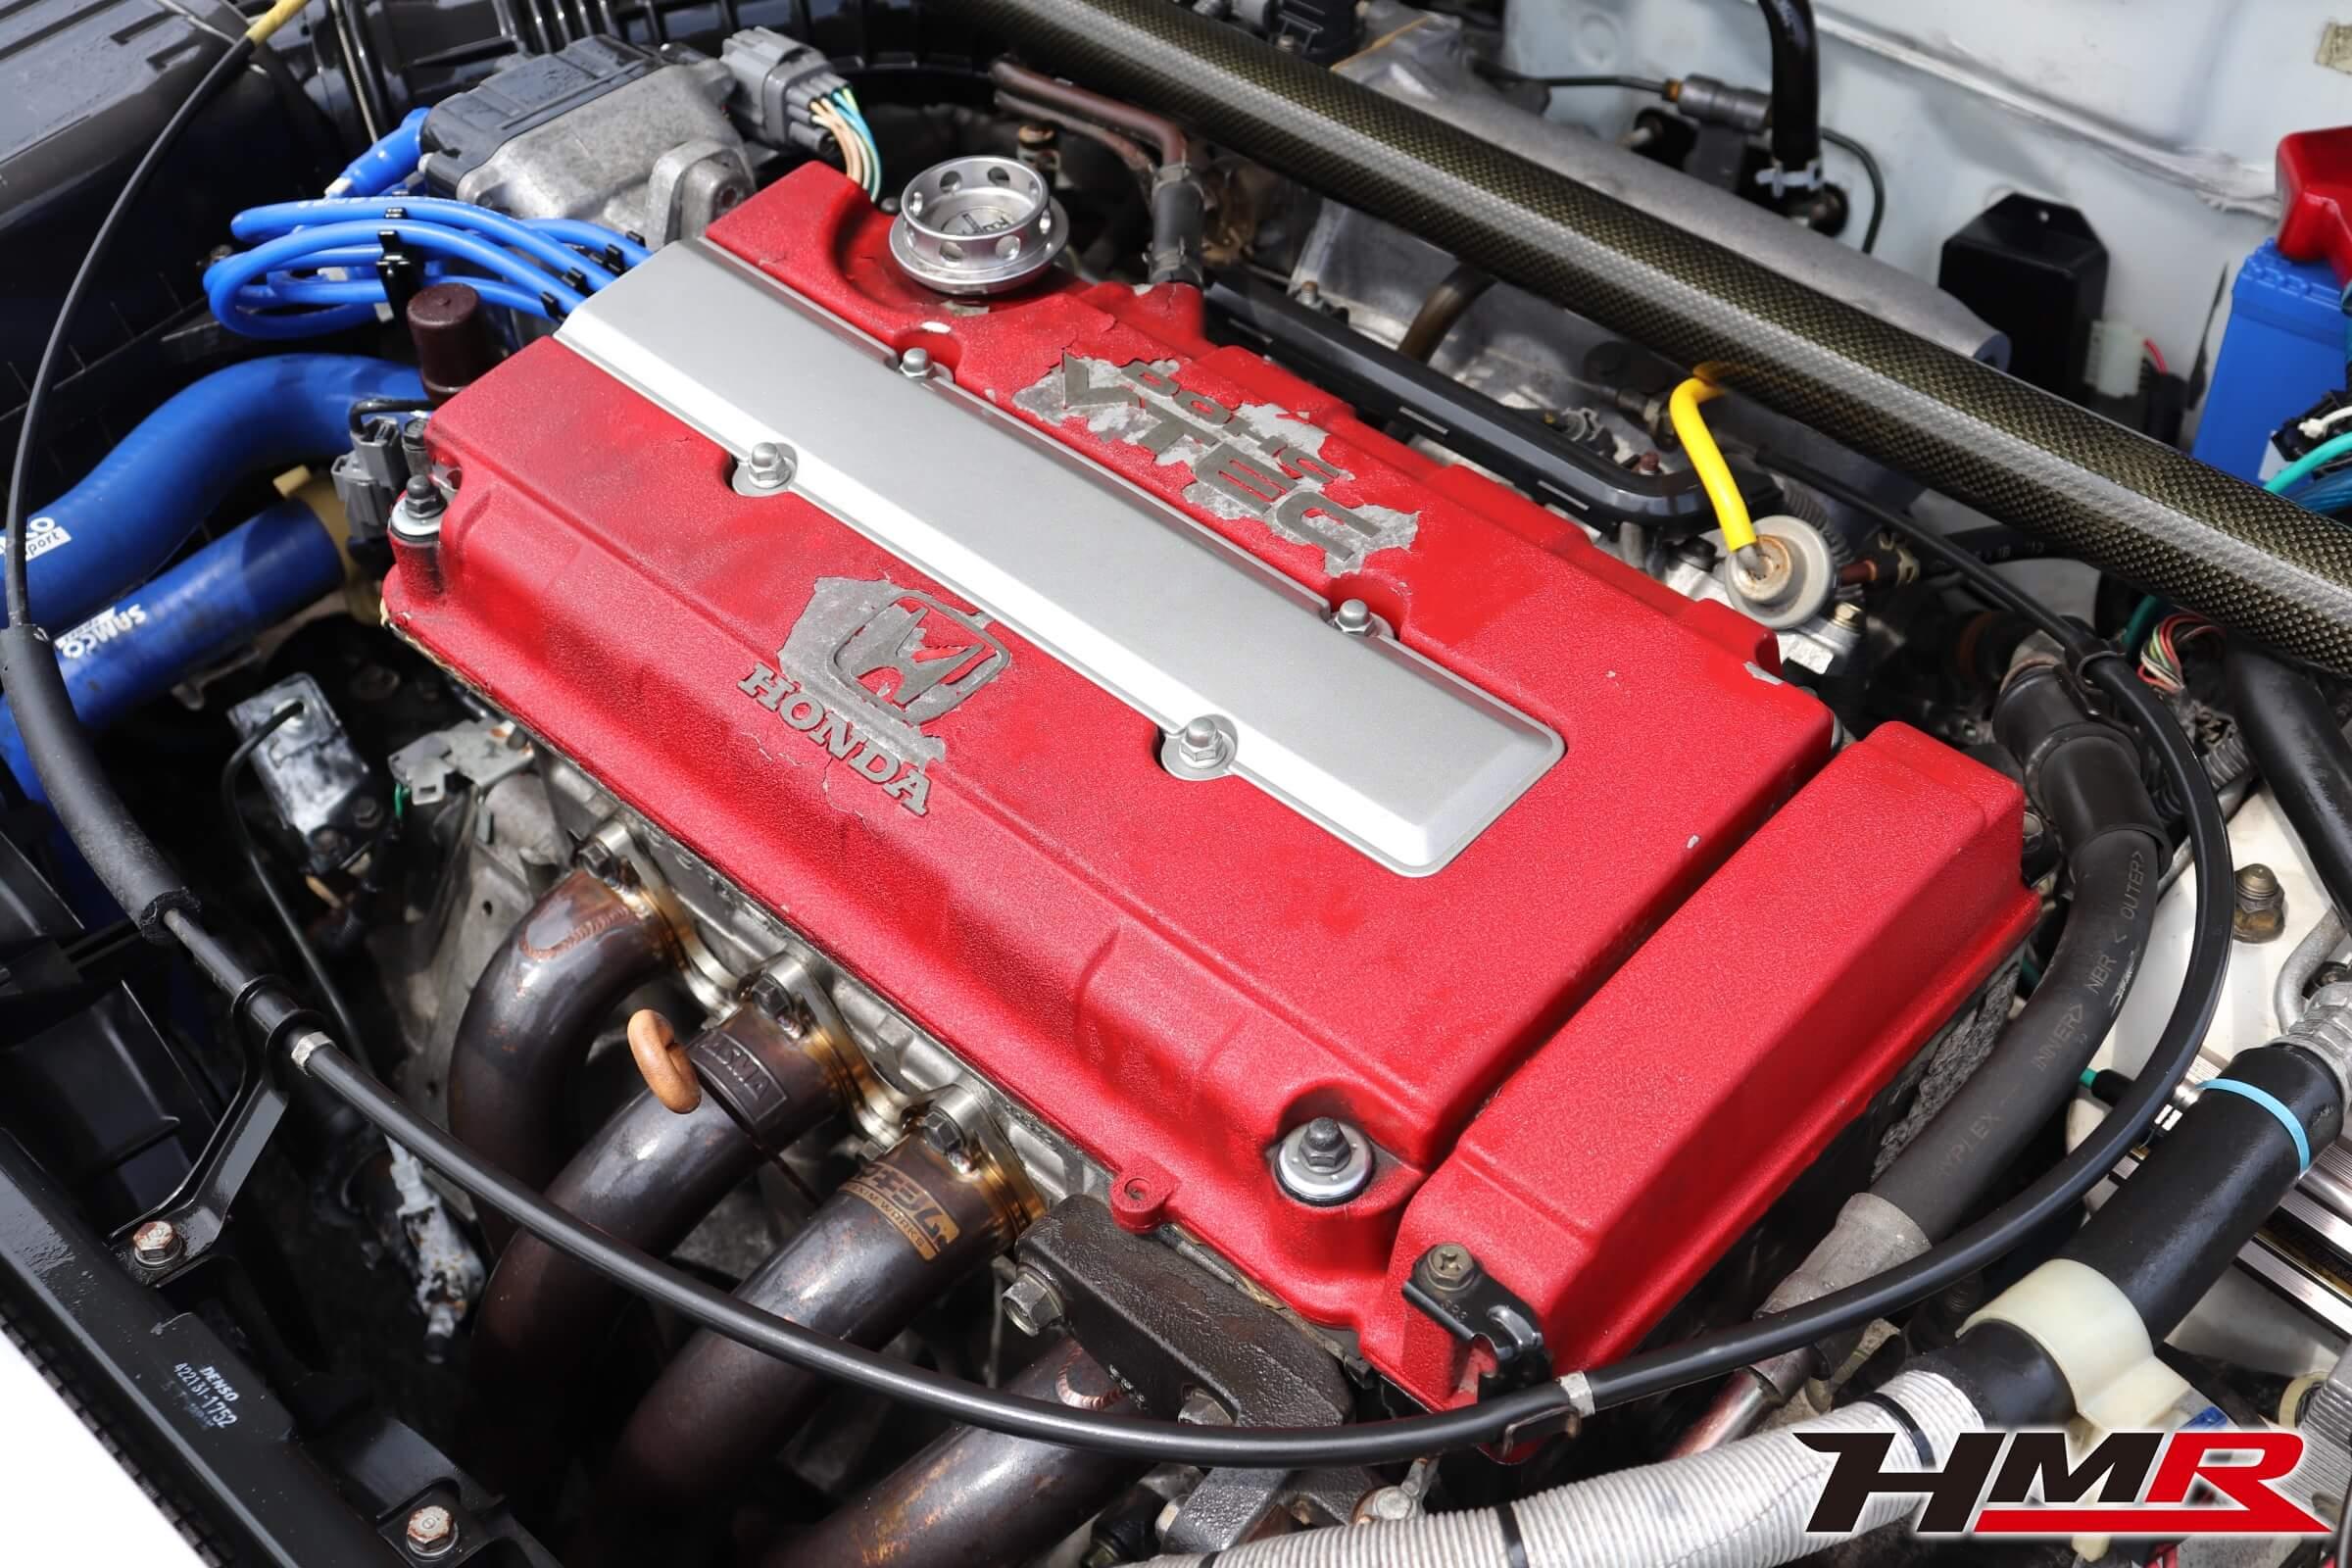 インテグラタイプR(DB8)B18Cエンジン